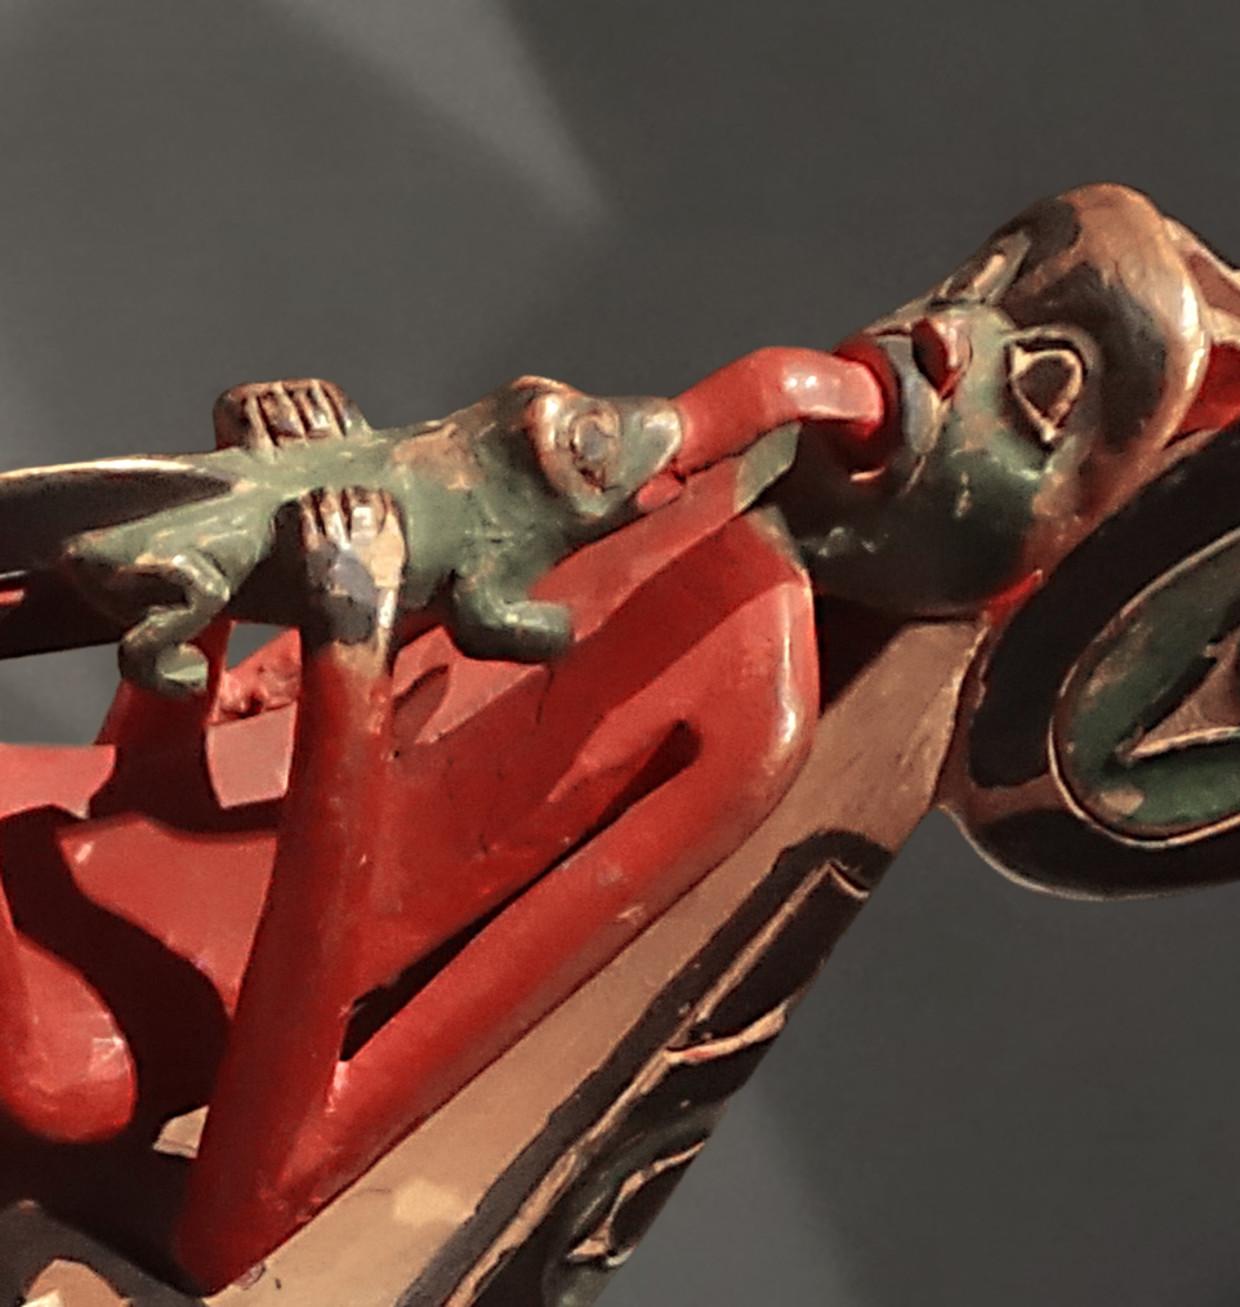 De lange tong op deze ravenrammelaar van de Tlingit staat voor de verbondenheid tussen mensen en dieren. Beeld Collectie the Fine Arts Museums of San Francisco